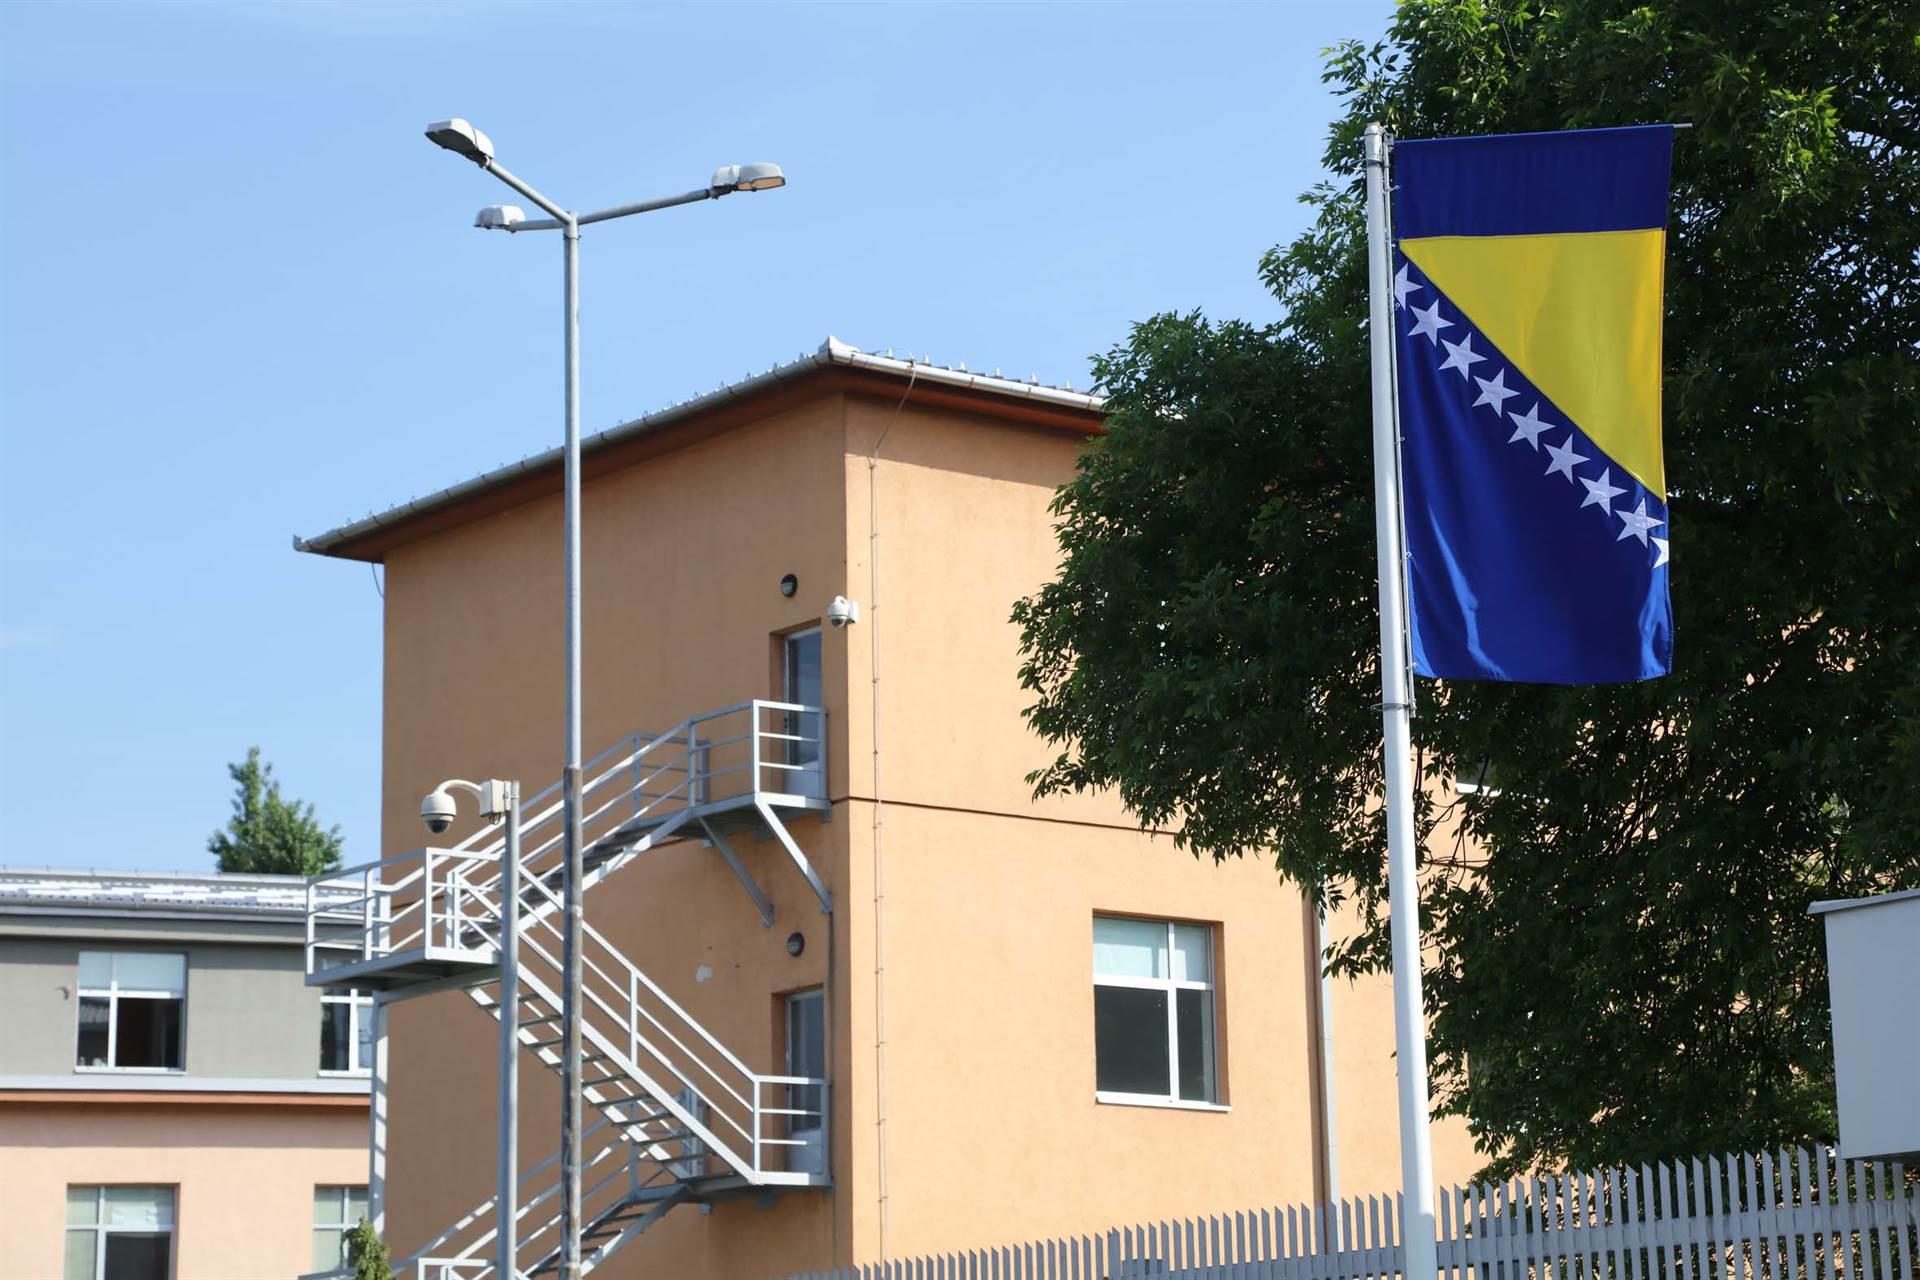 Peulić i ostali: Svjedoci zlostavljanja i ubistava u Kotor Varoši